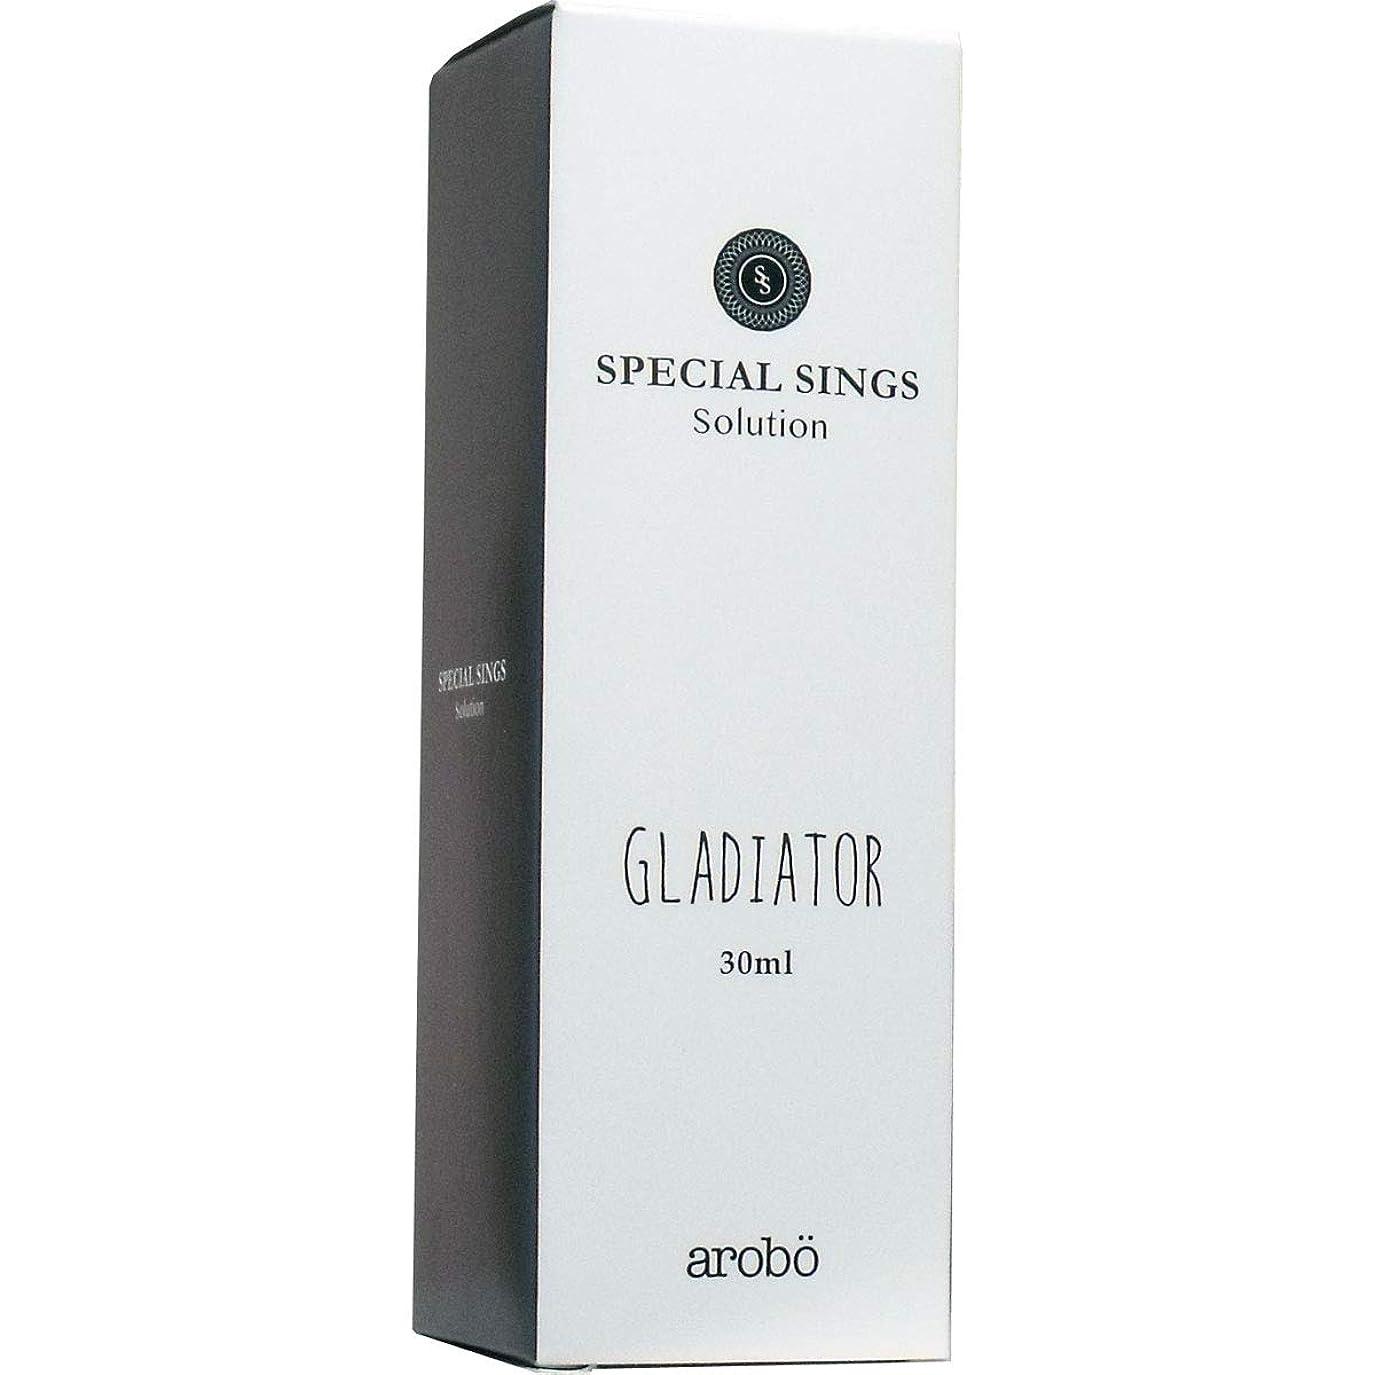 手紙を書く安いです効率スペシャルシングス ソリューション CLV-840 グラディエーター 30ml